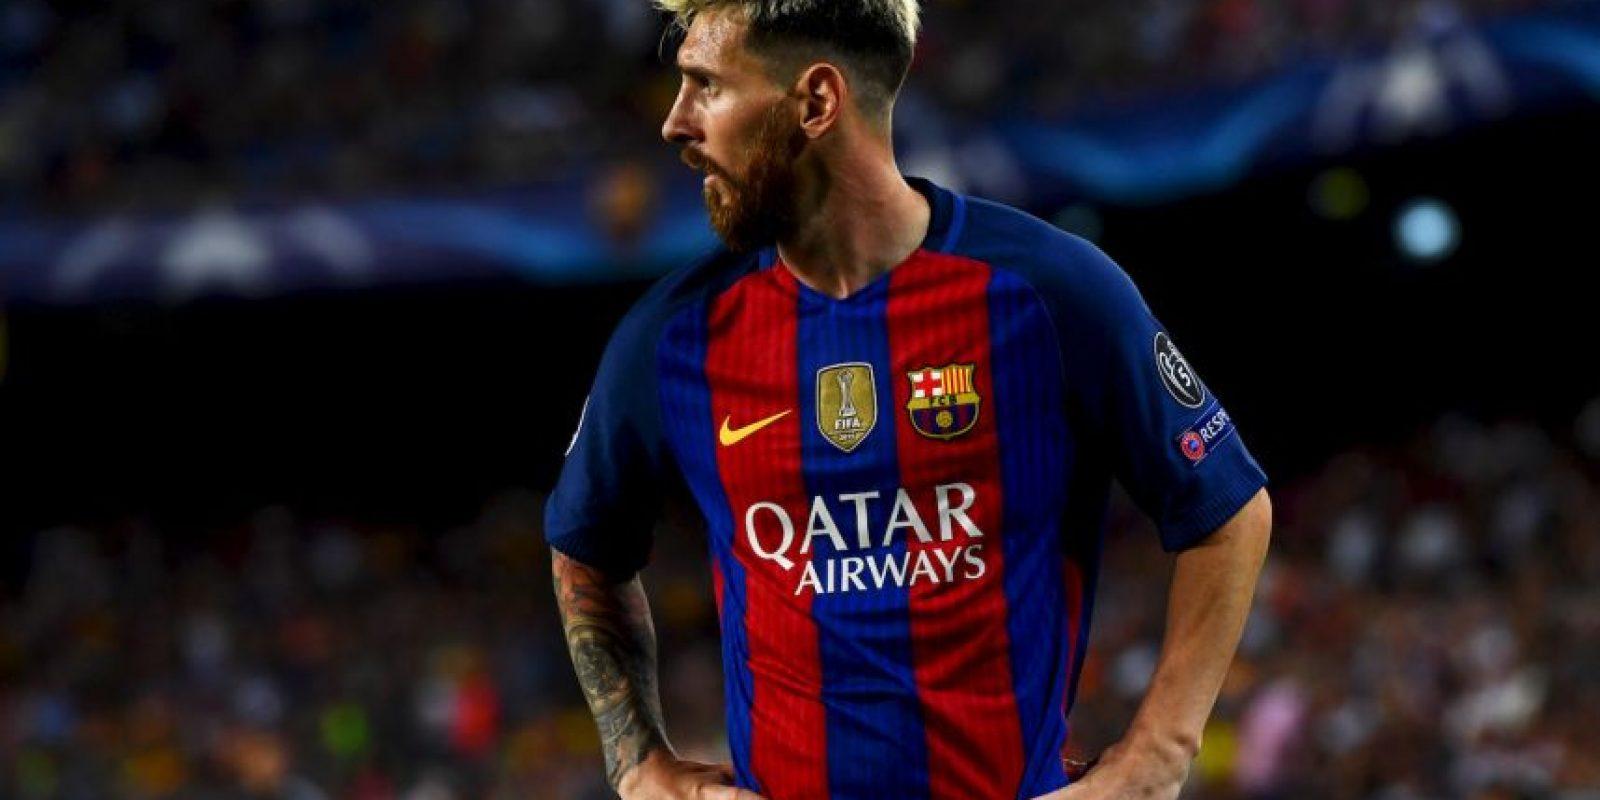 El atacante volvió a mostrar su nivel y marcó un triplete para Barcelona Foto:Getty Imahes